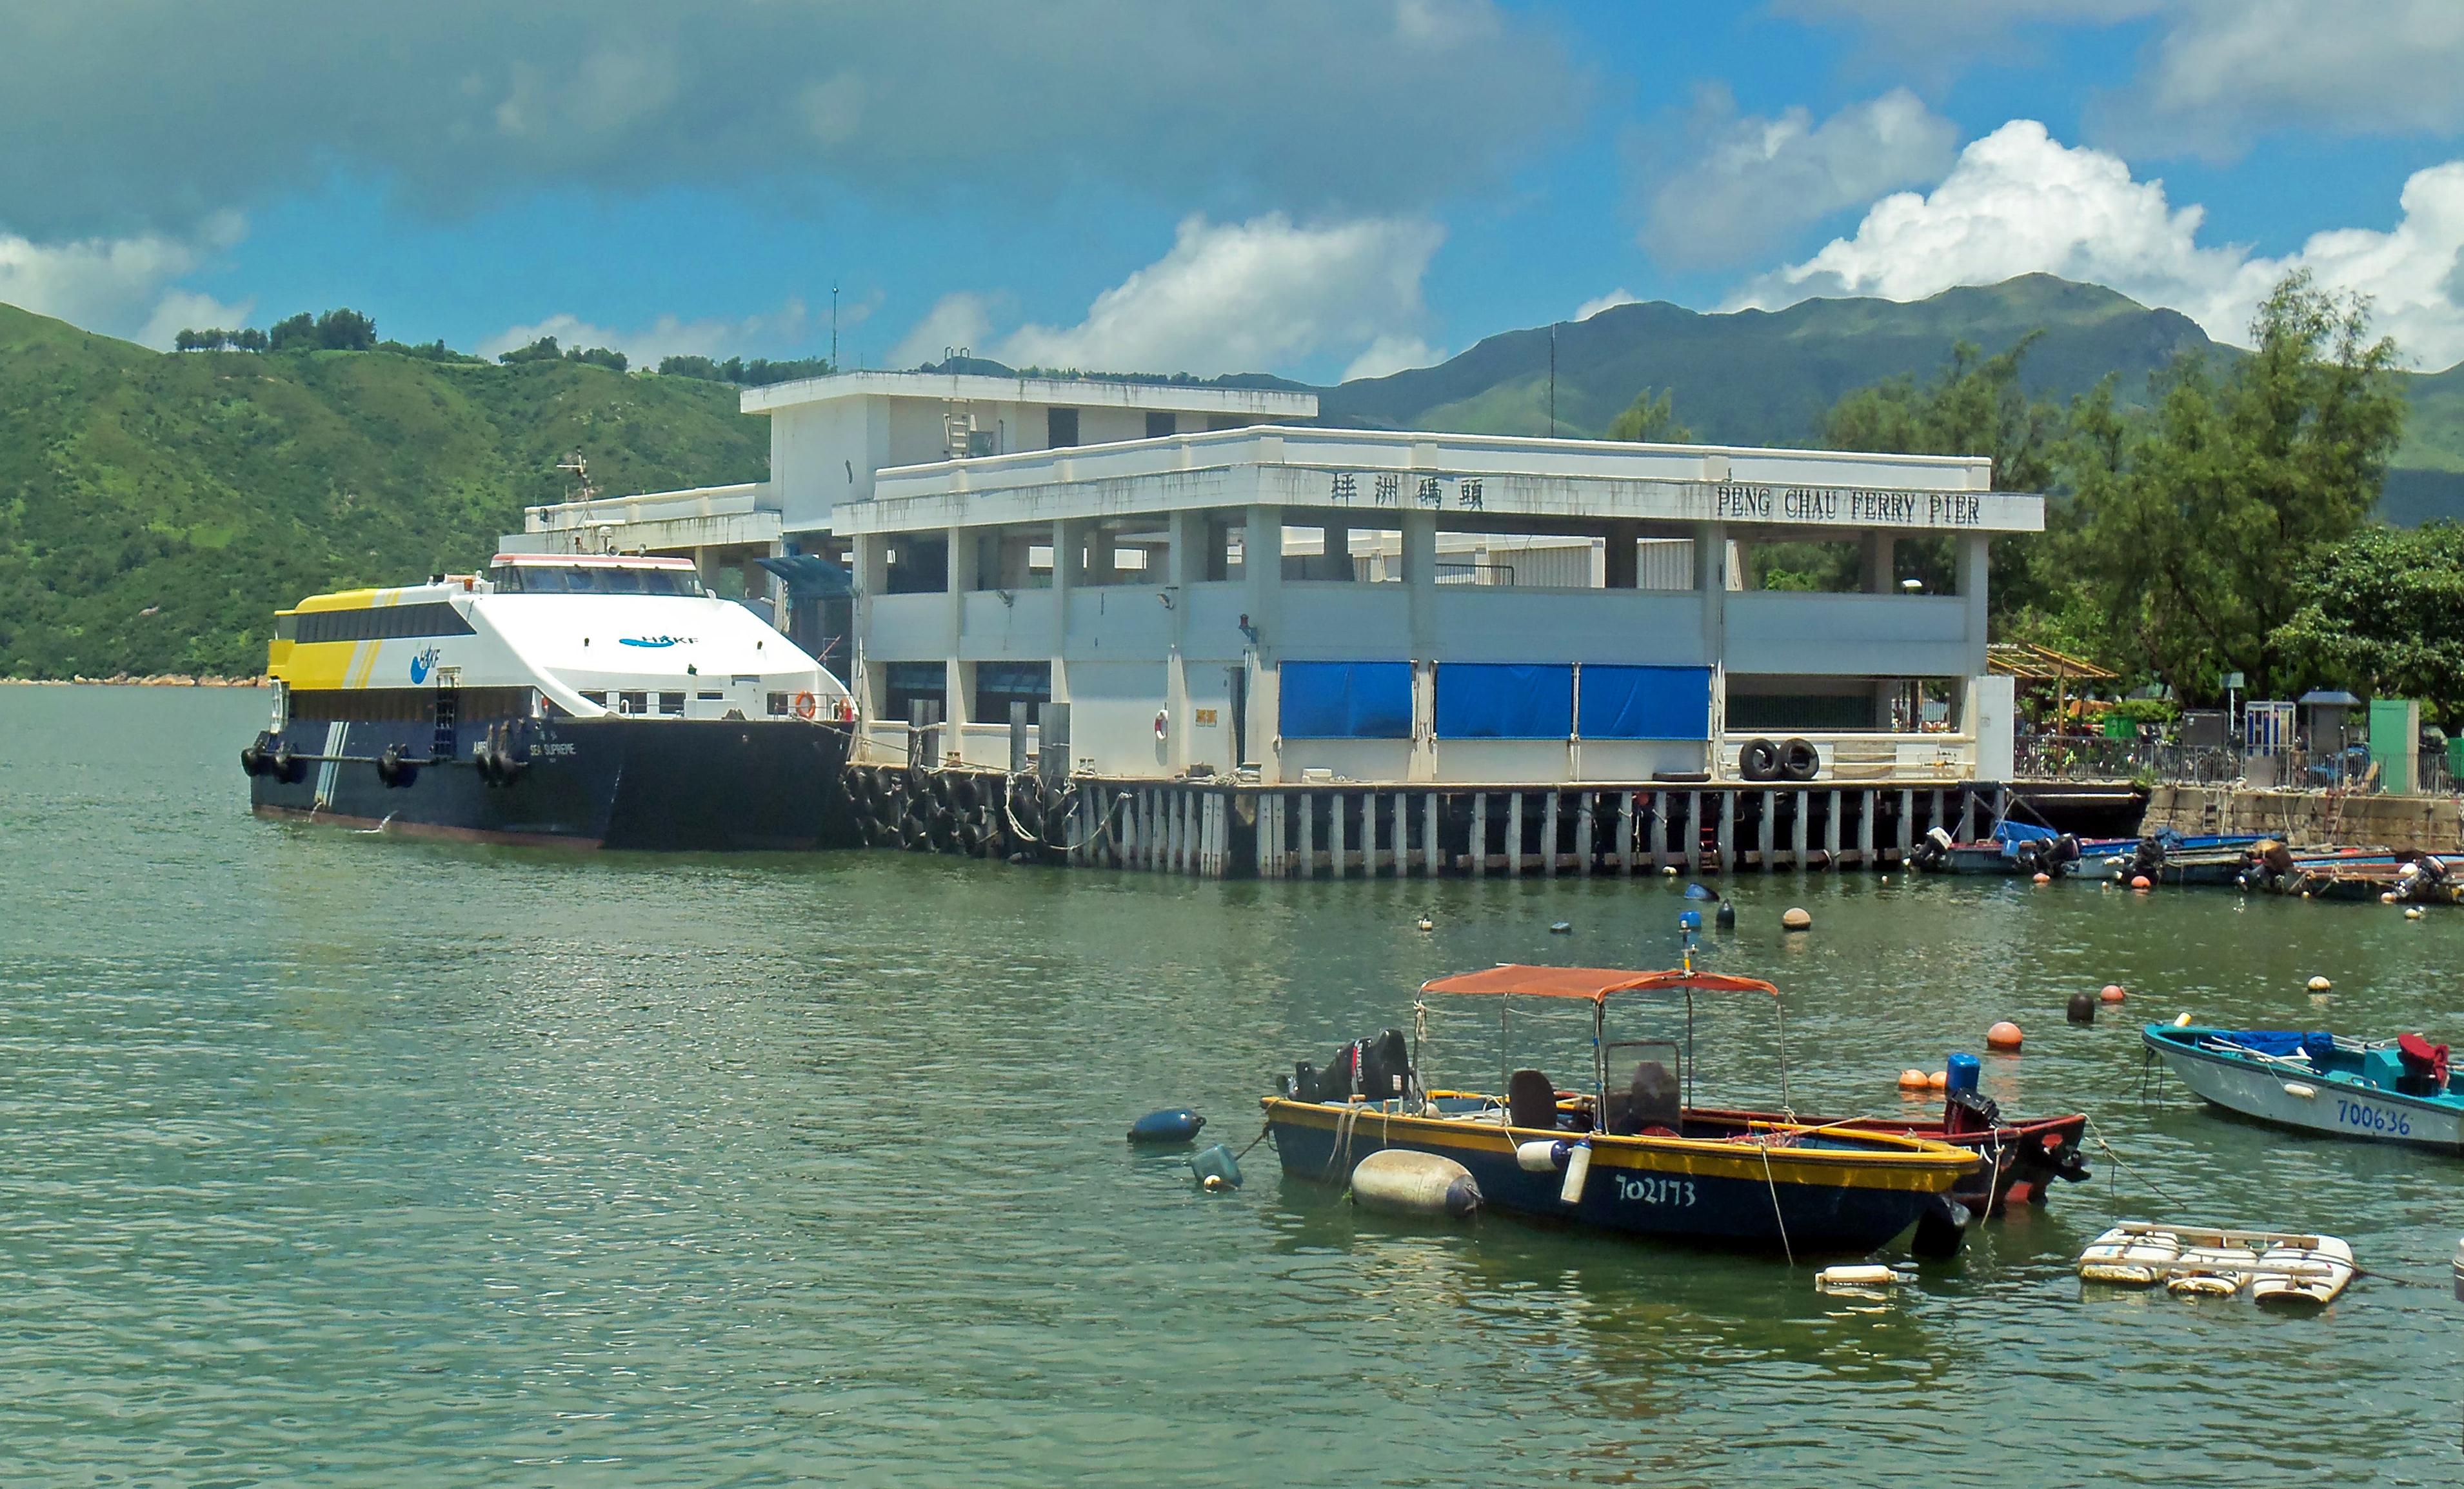 Peng_Chau_Ferry_Pier.jpg